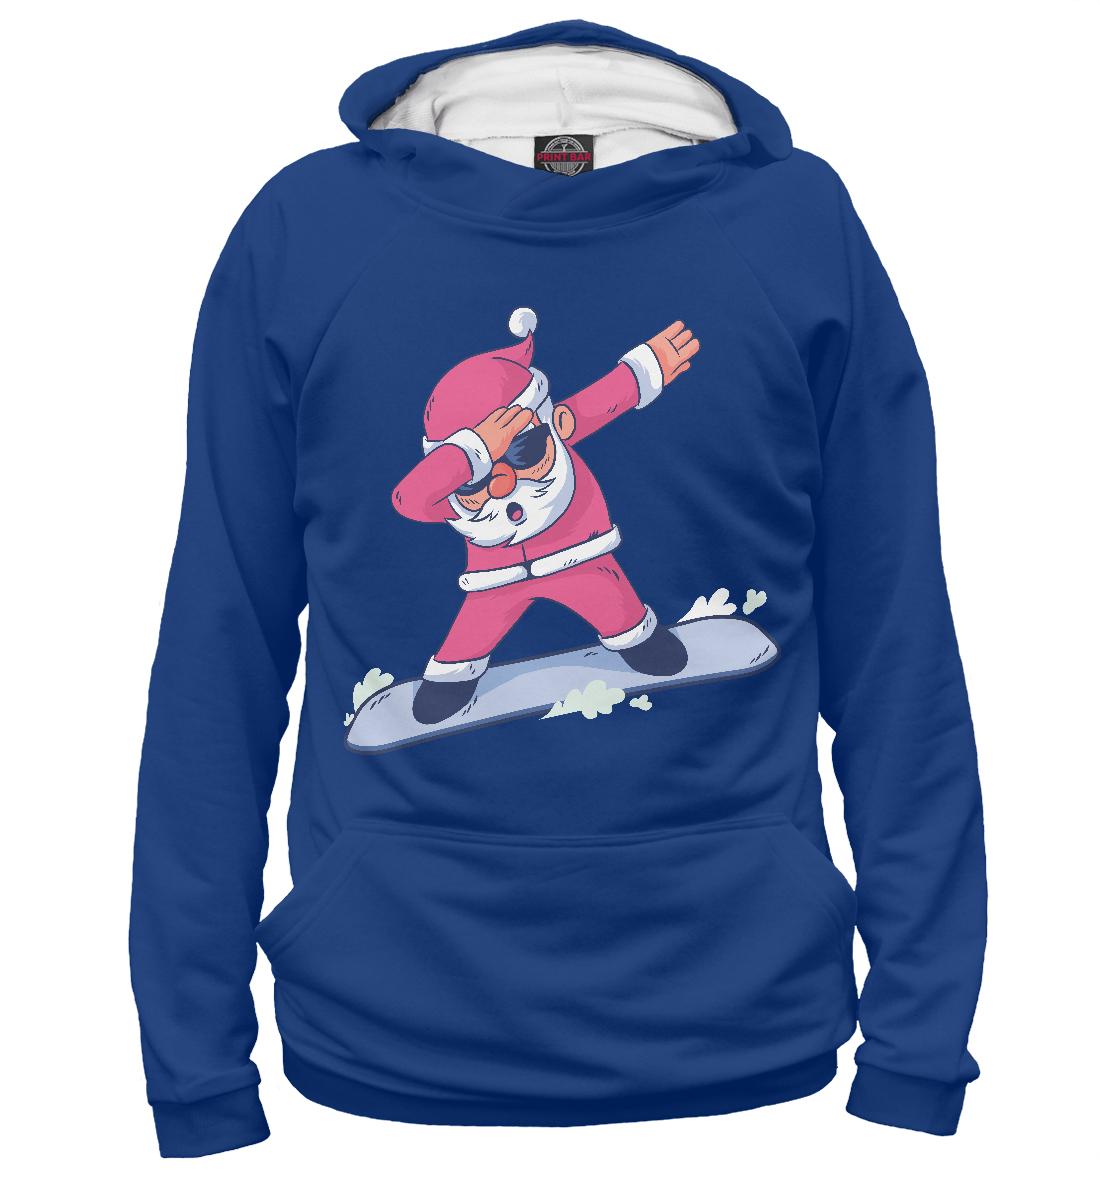 Купить Дед Мороз на Сноуборде, Printbar, Худи, DMZ-357951-hud-1